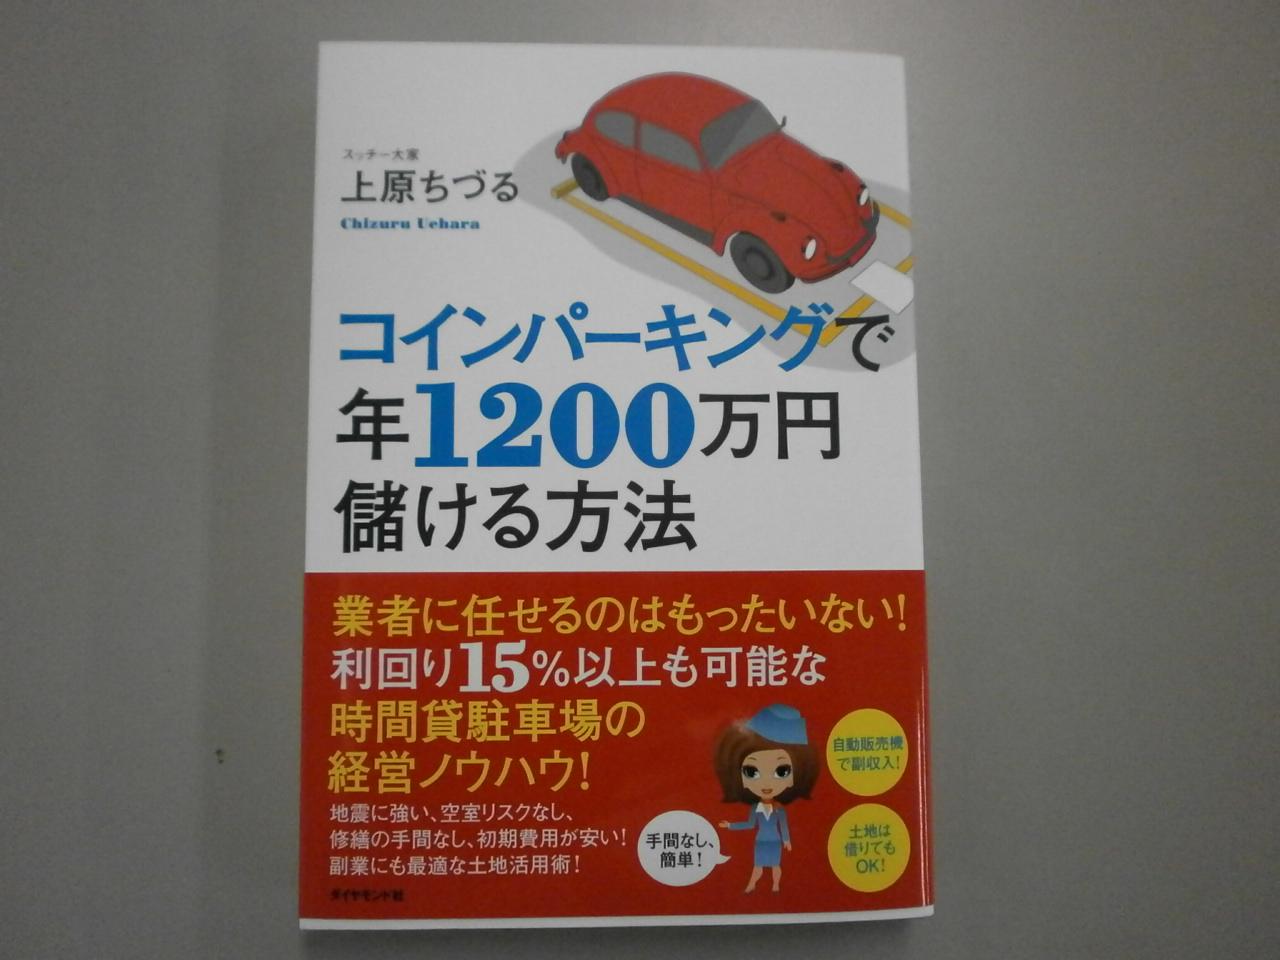 PA300131.jpg